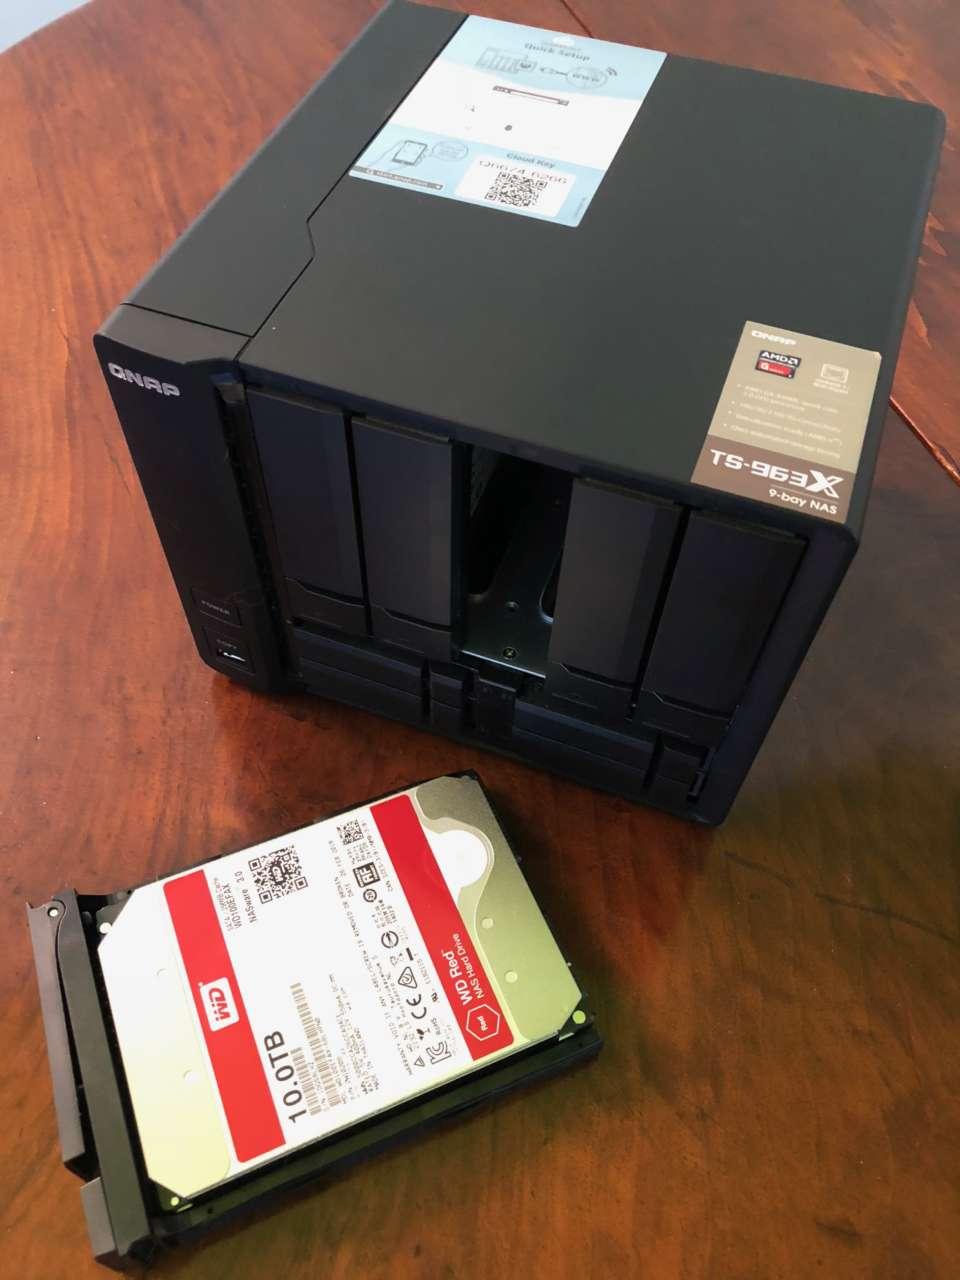 QNAP TS-963X aperto